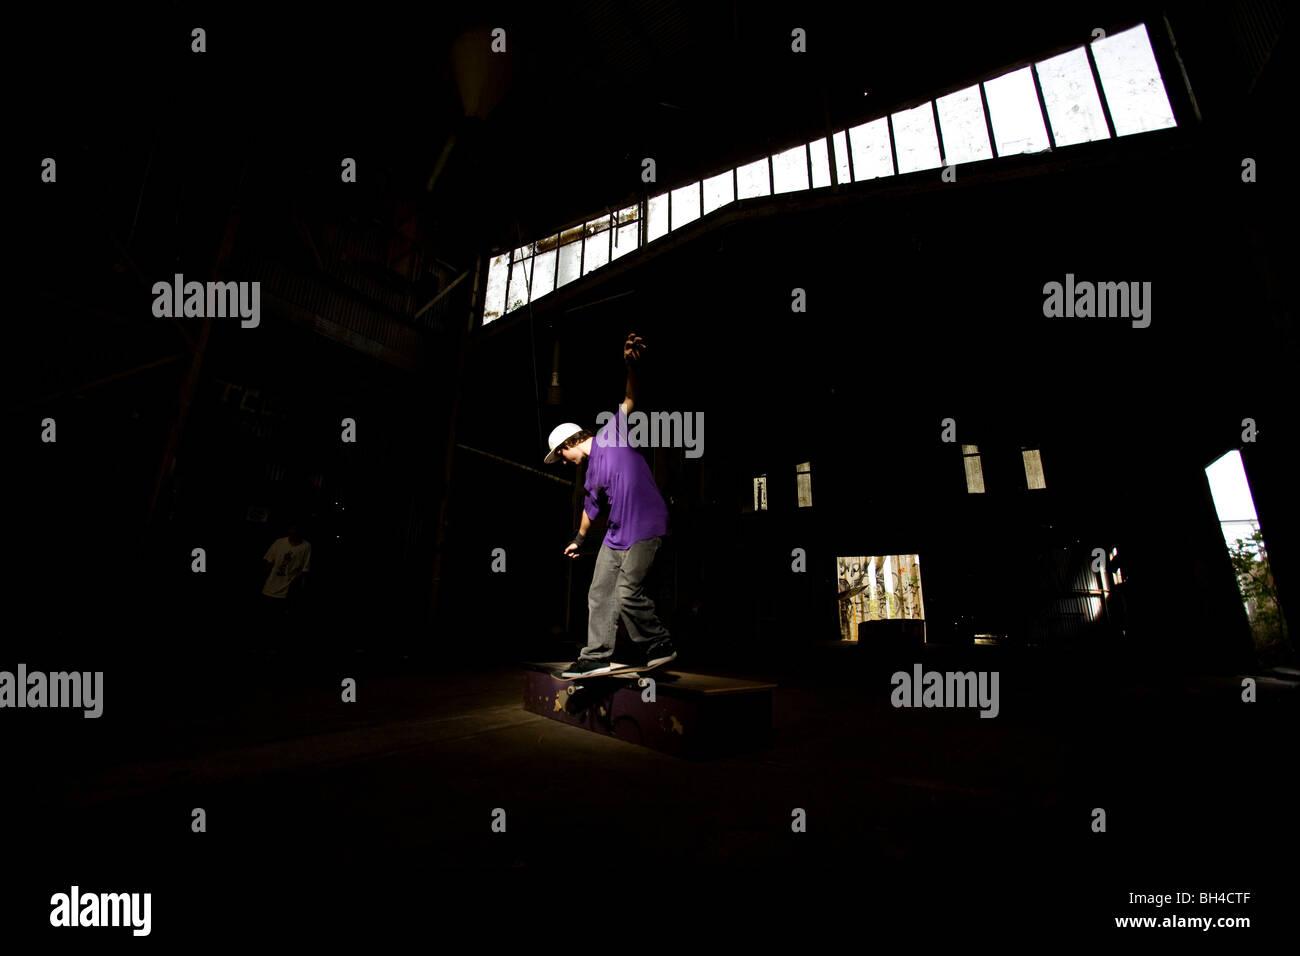 Eine Skater führt ein Smith Grind in einem verlassenen Lagerhaus an der Central Coast, New-South.Wales, Australien. Stockbild